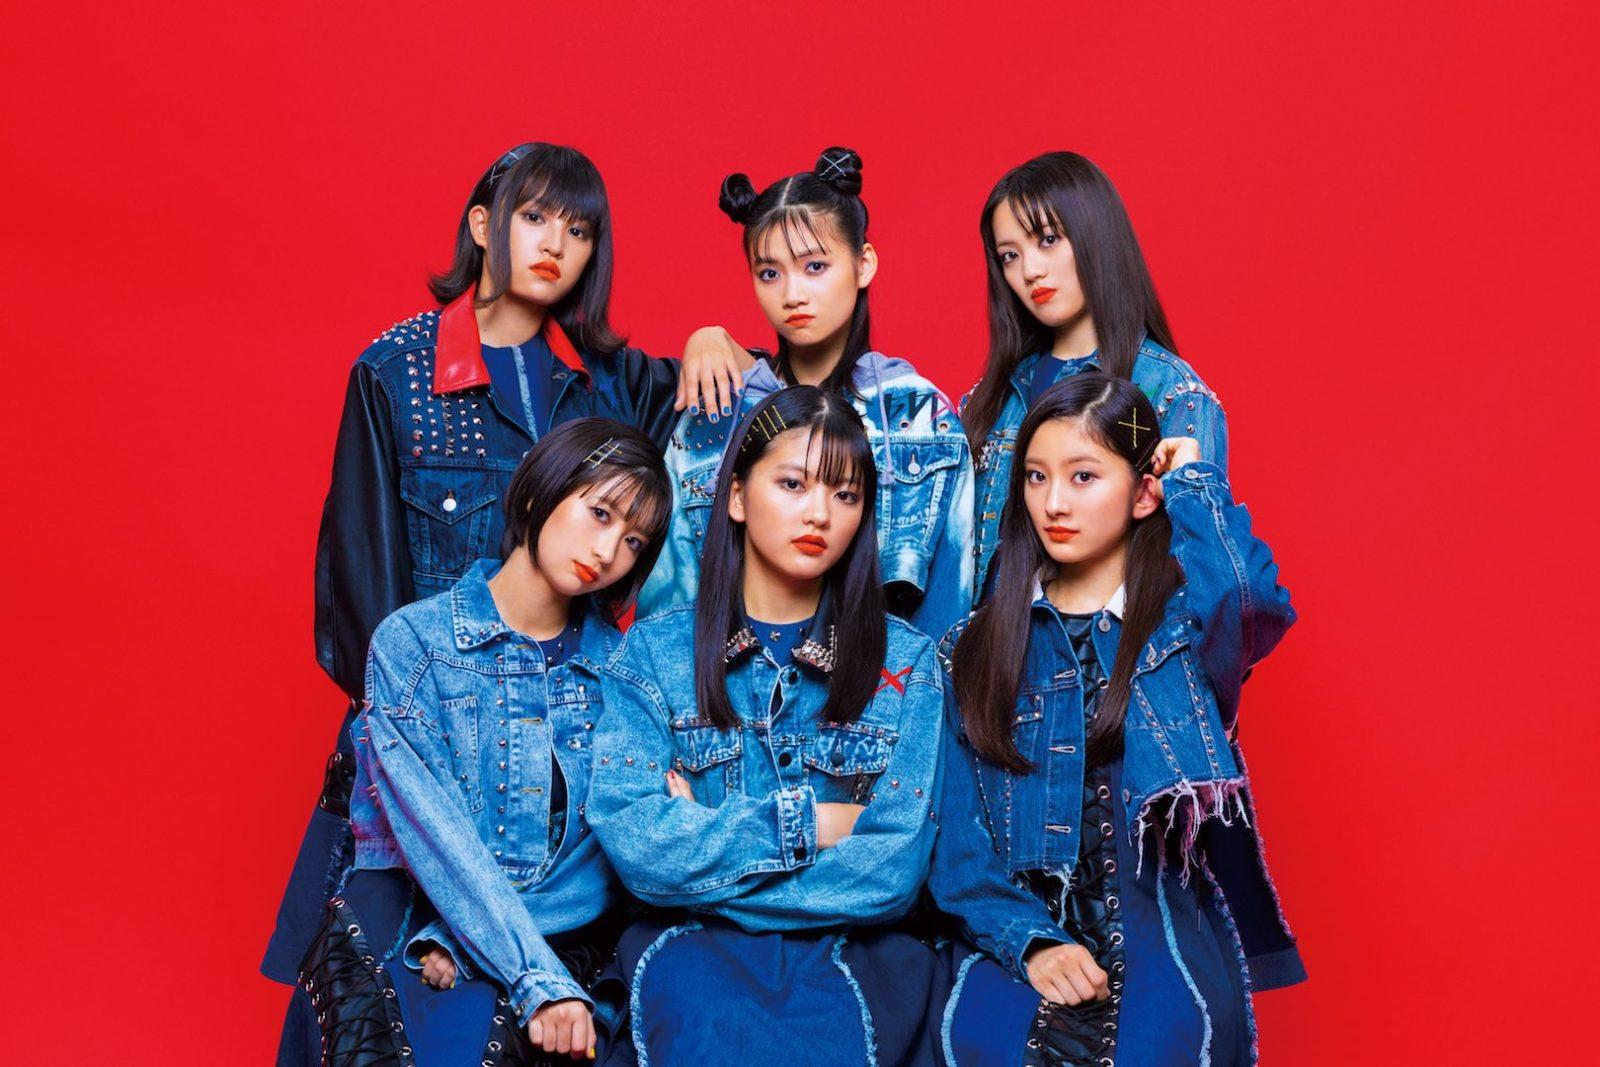 ばってん少女隊、初の映像作品は豪華2枚組!1500セット限定生産サムネイル画像